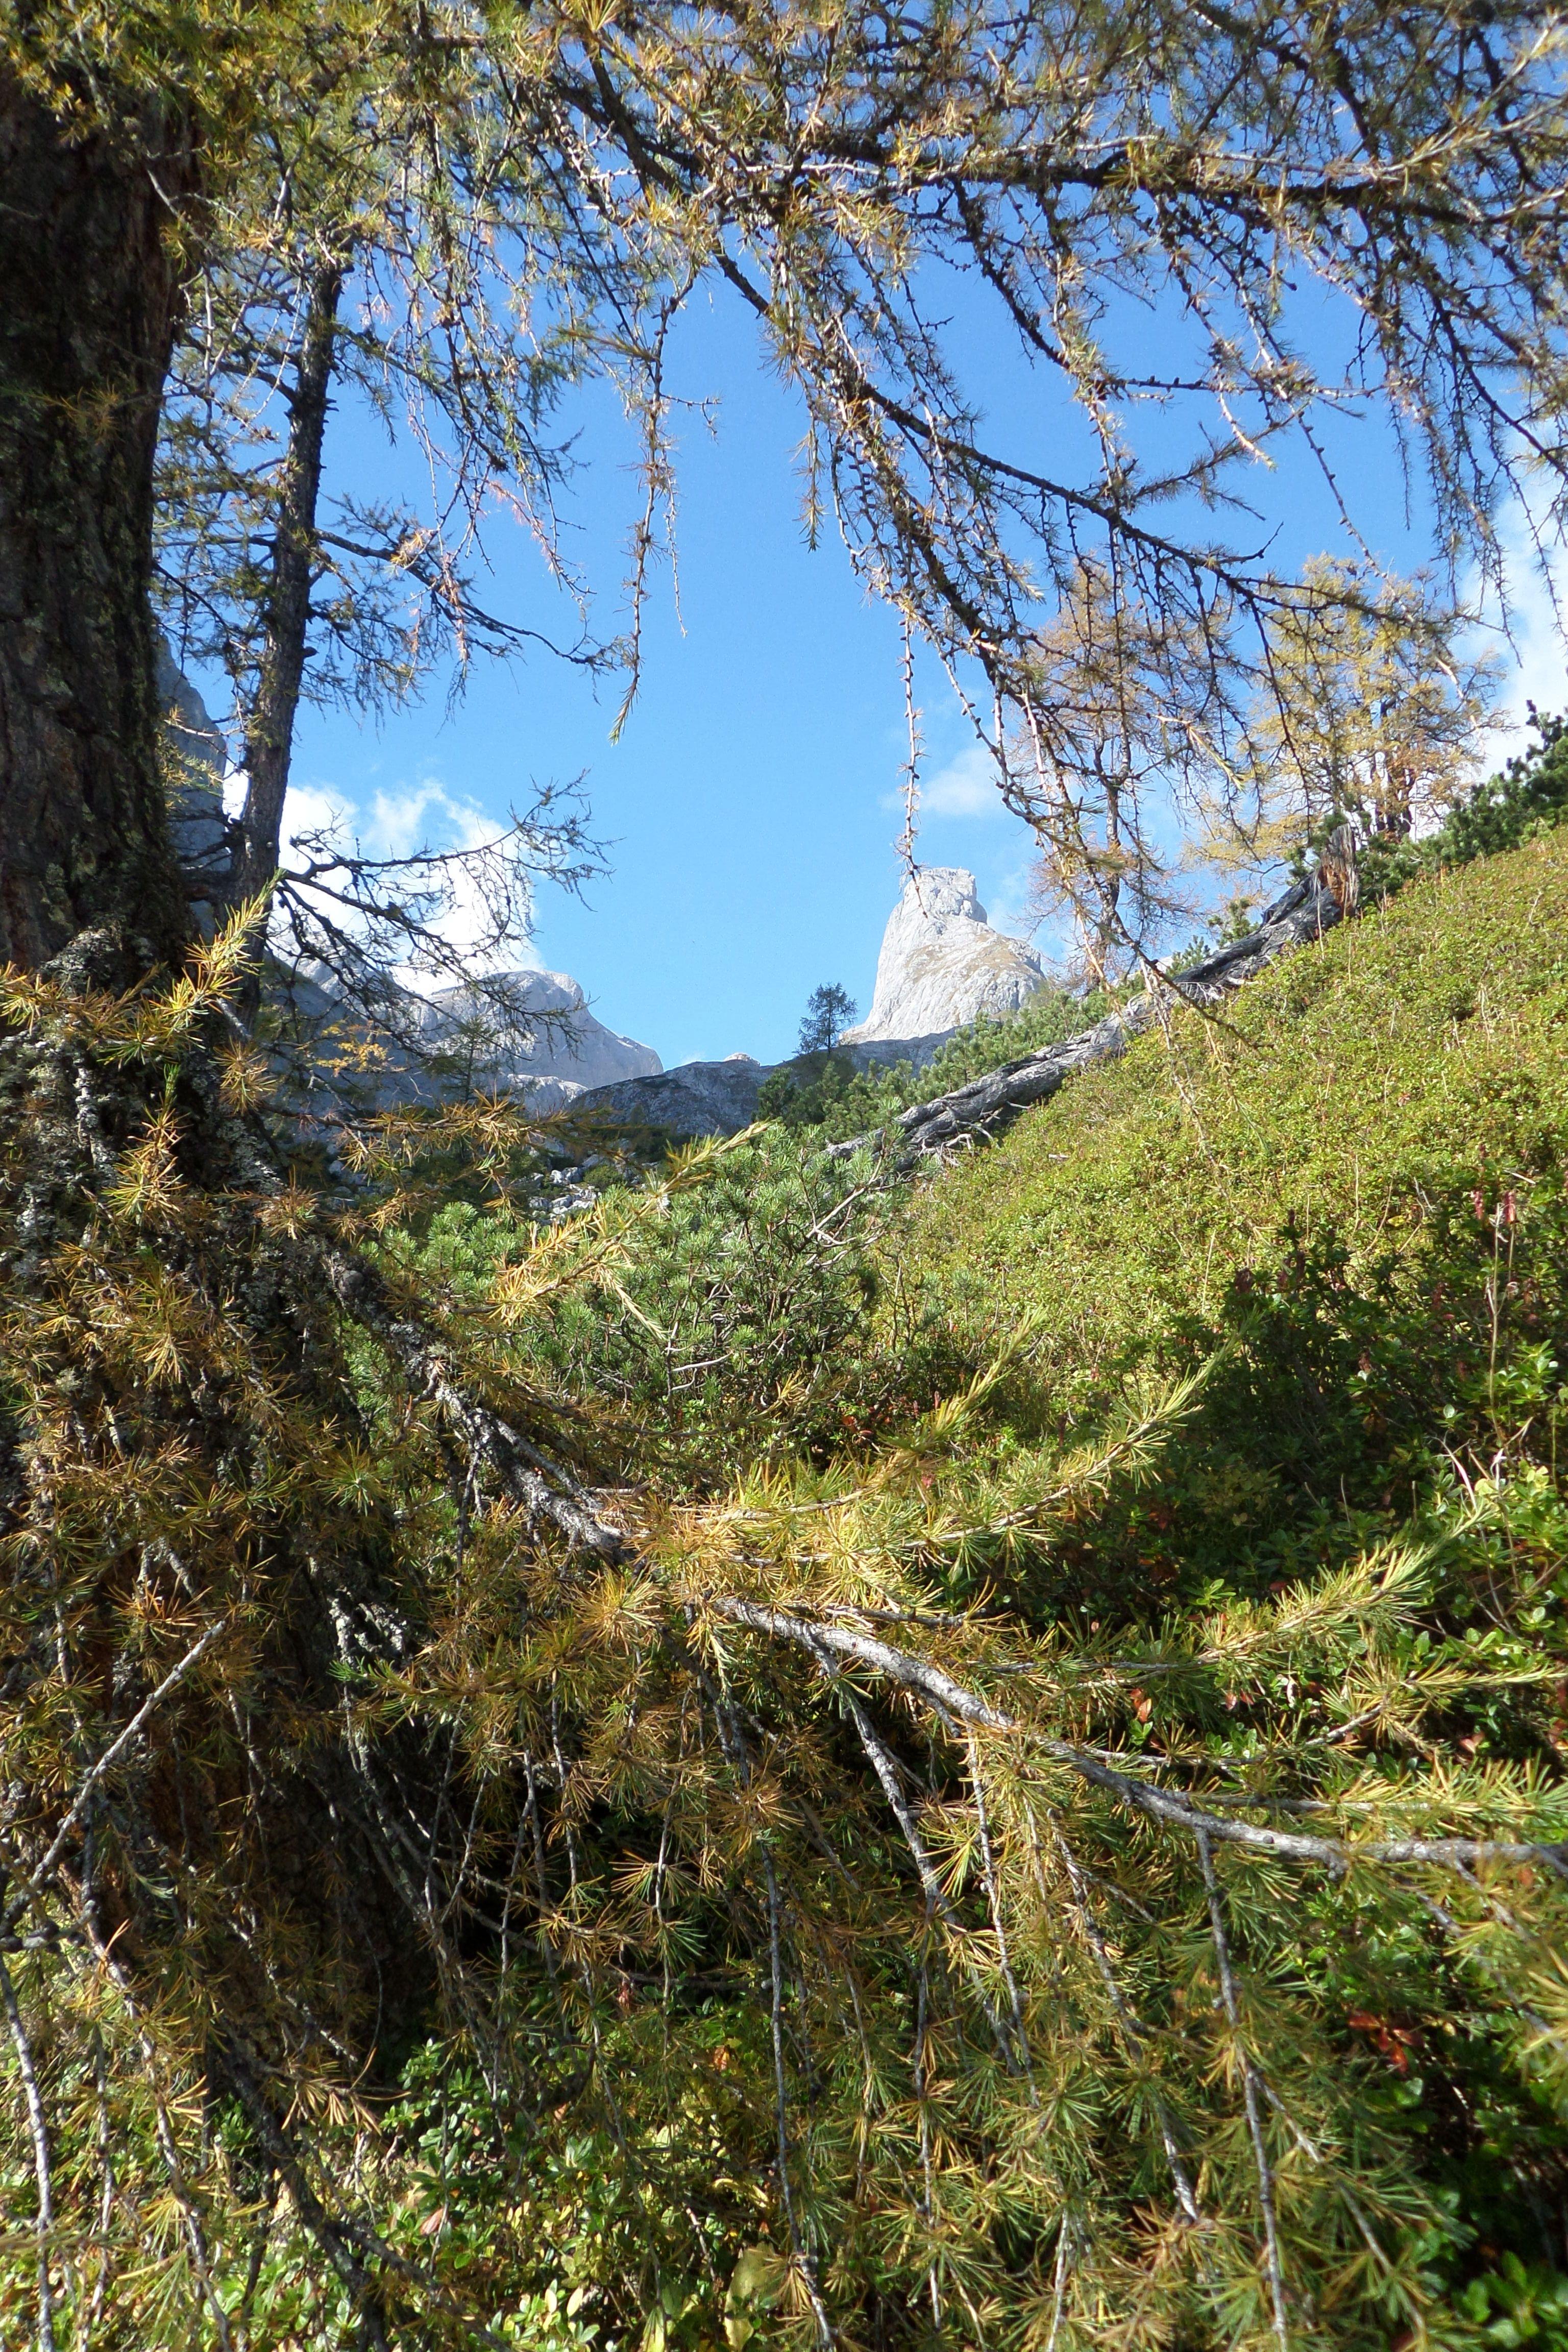 Am Fusse des Hochkönig am Ende der #Klettersteigtour bei #Salzburg in den Berchtesgadener #Alpen